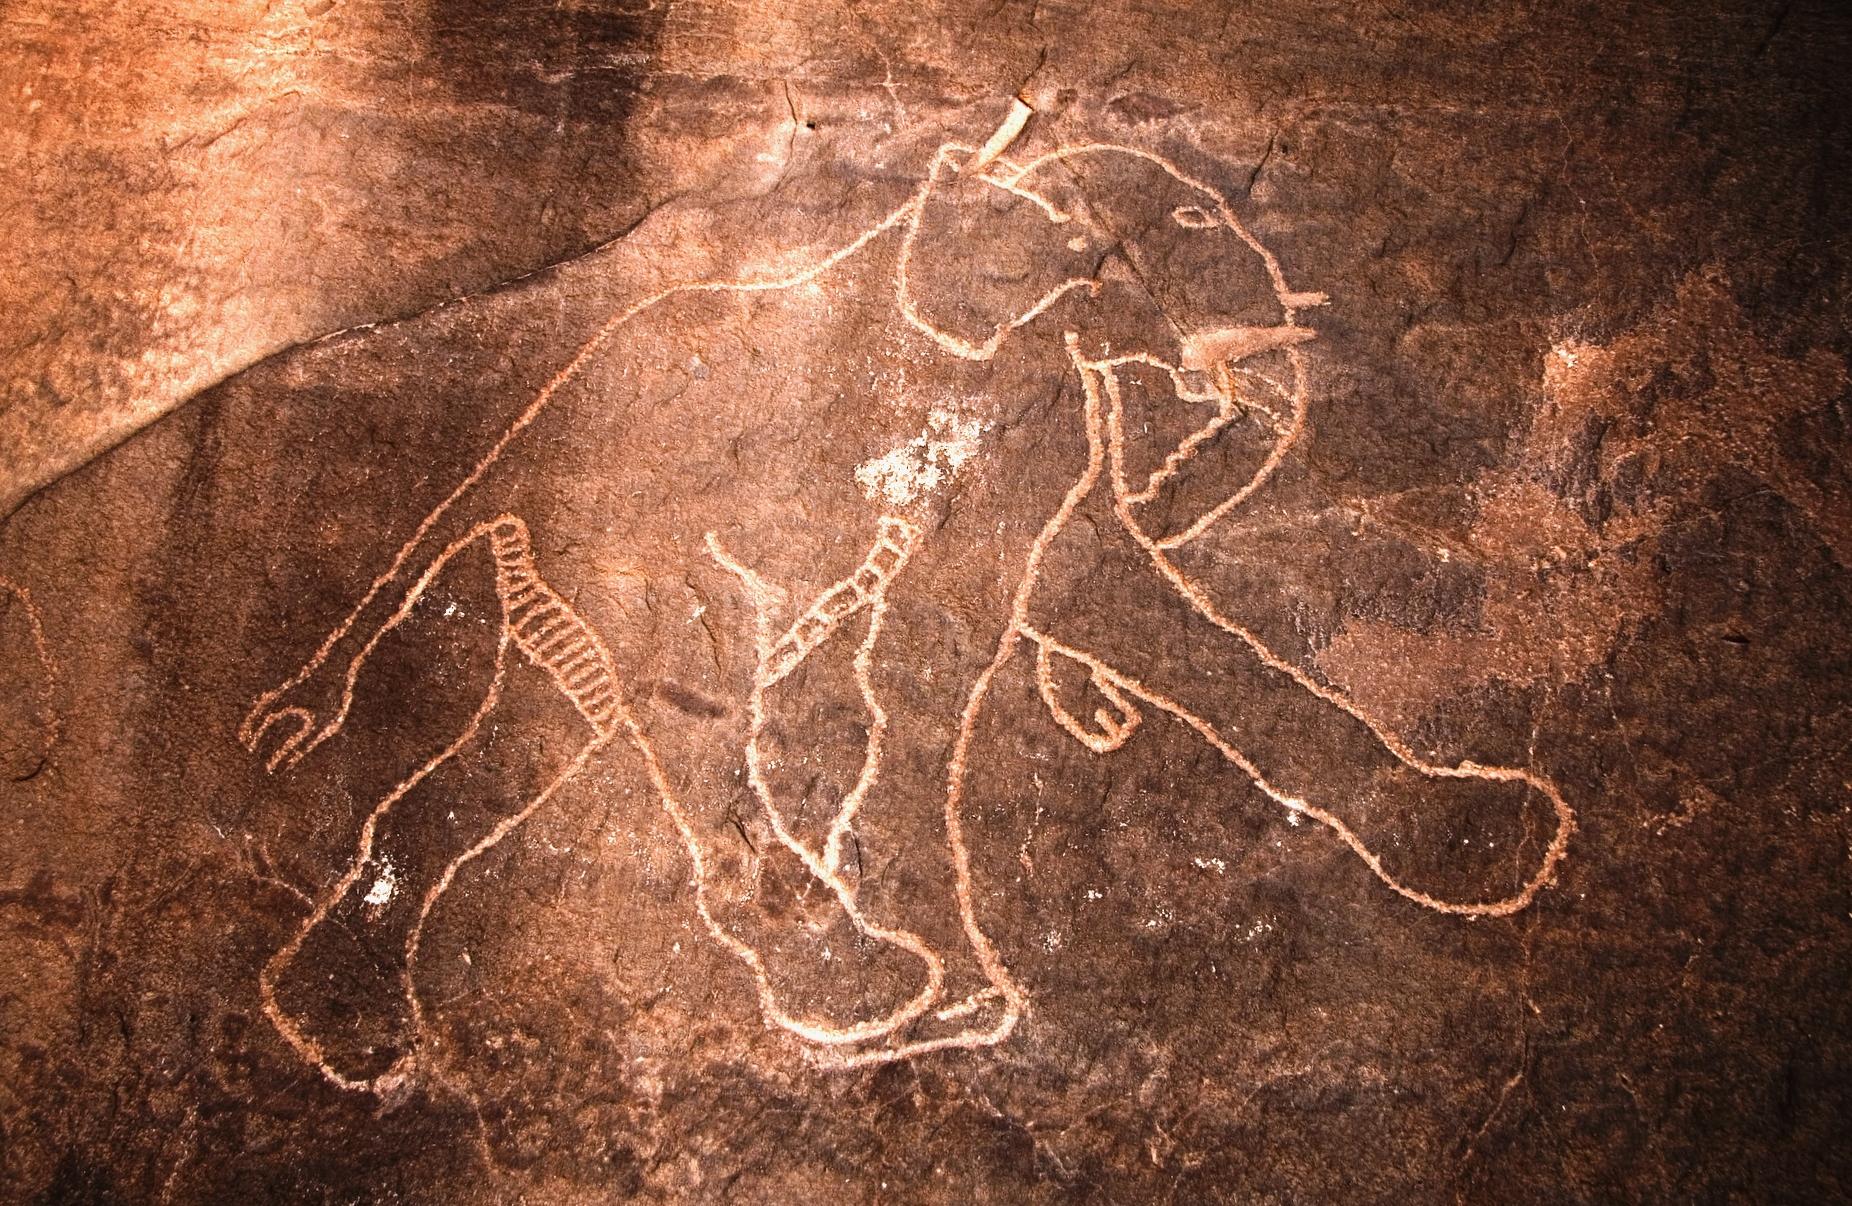 Figurazione rupestre sahariana rappresentante un elefante nella regione libica del Tadrart Acacus .